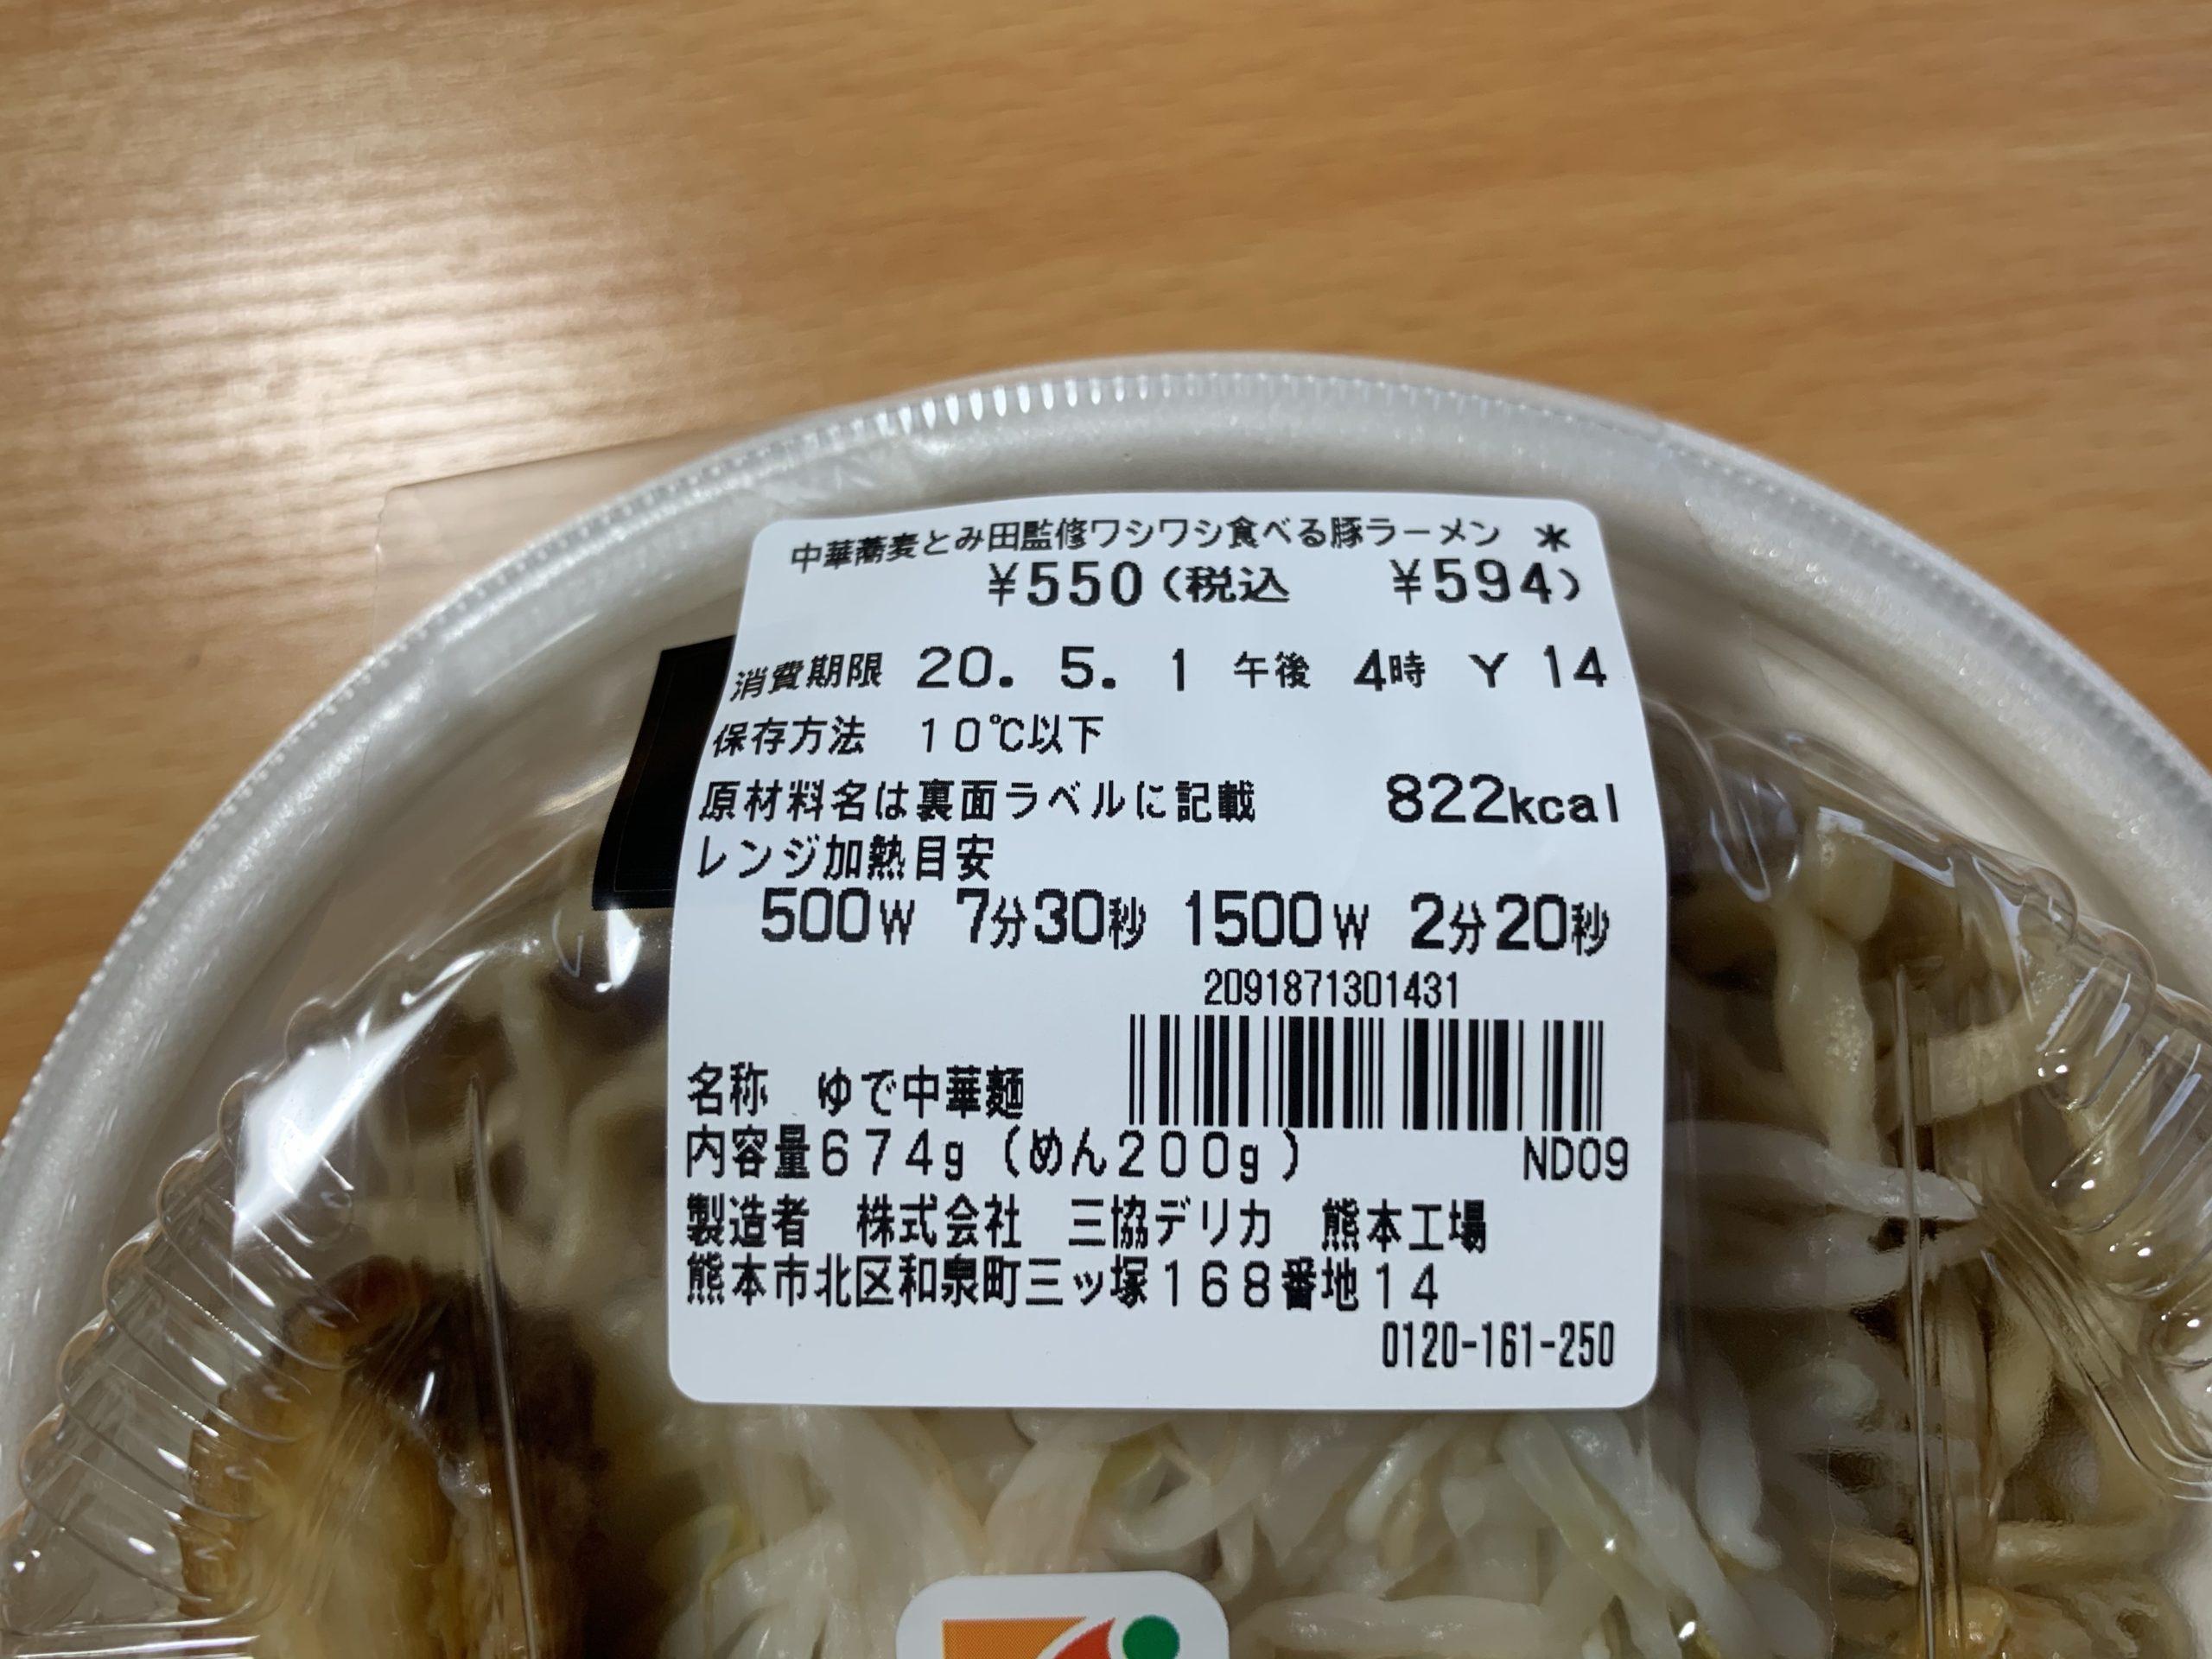 中華蕎麦とみ田豚ラーメンの加熱目安